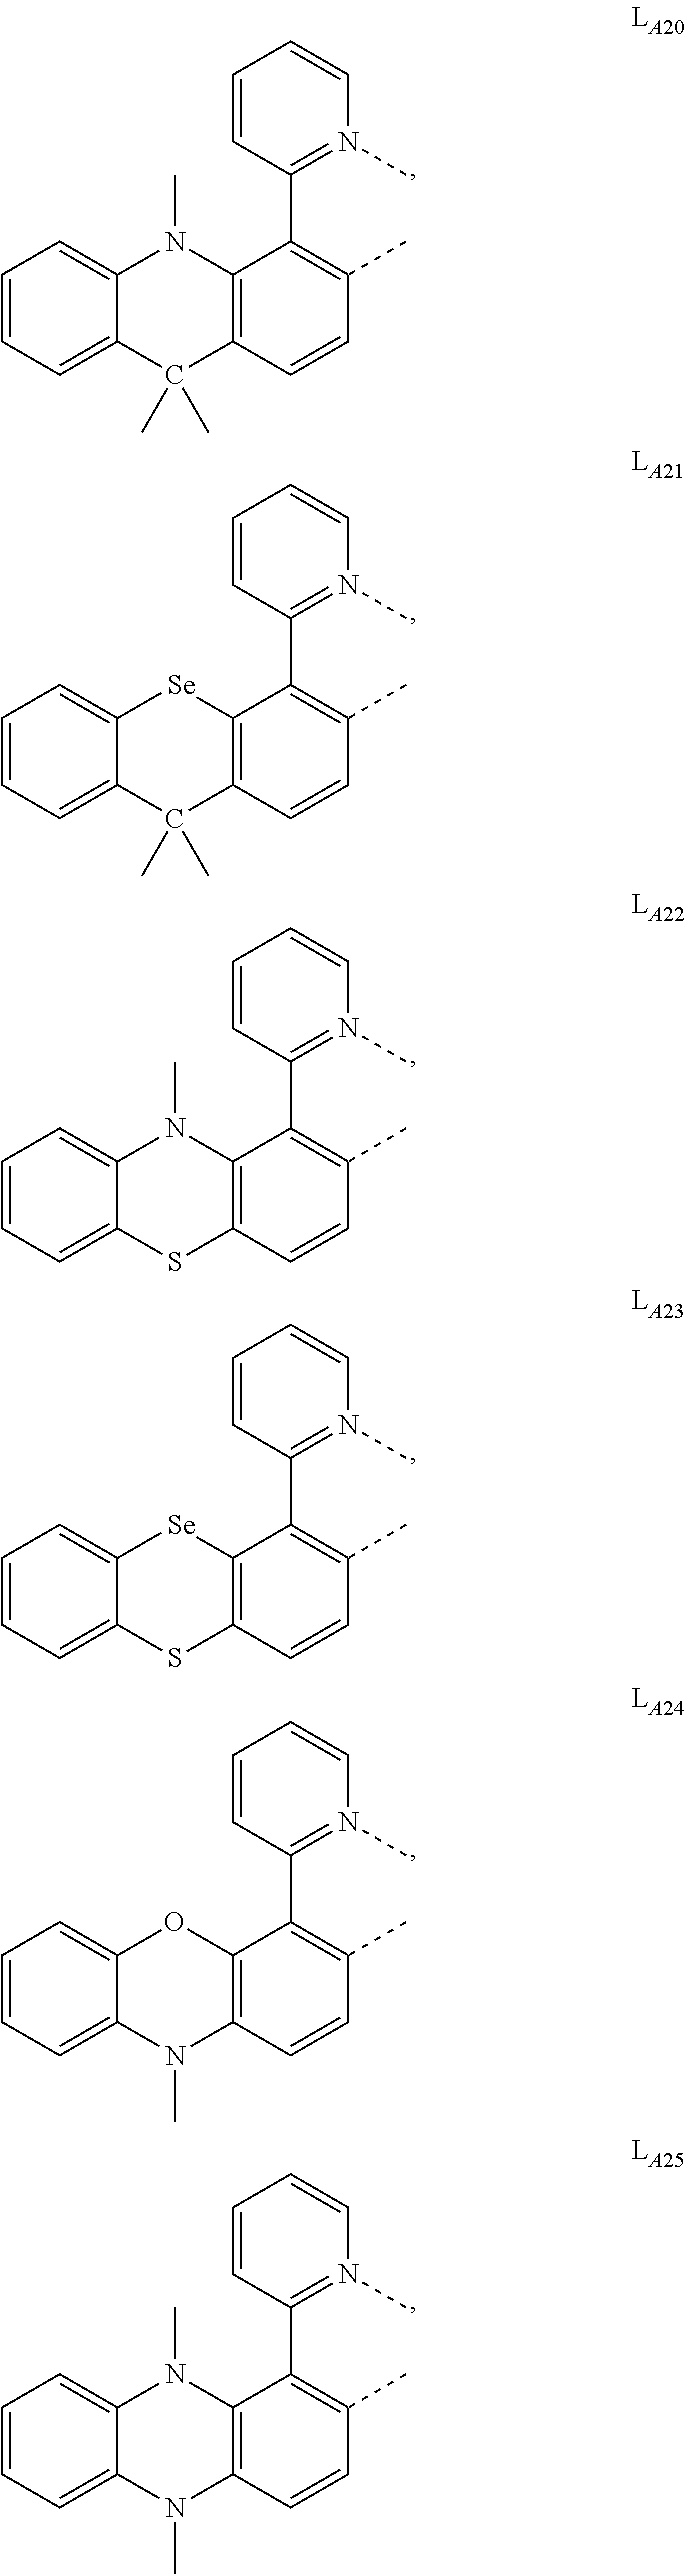 Figure US10153443-20181211-C00011